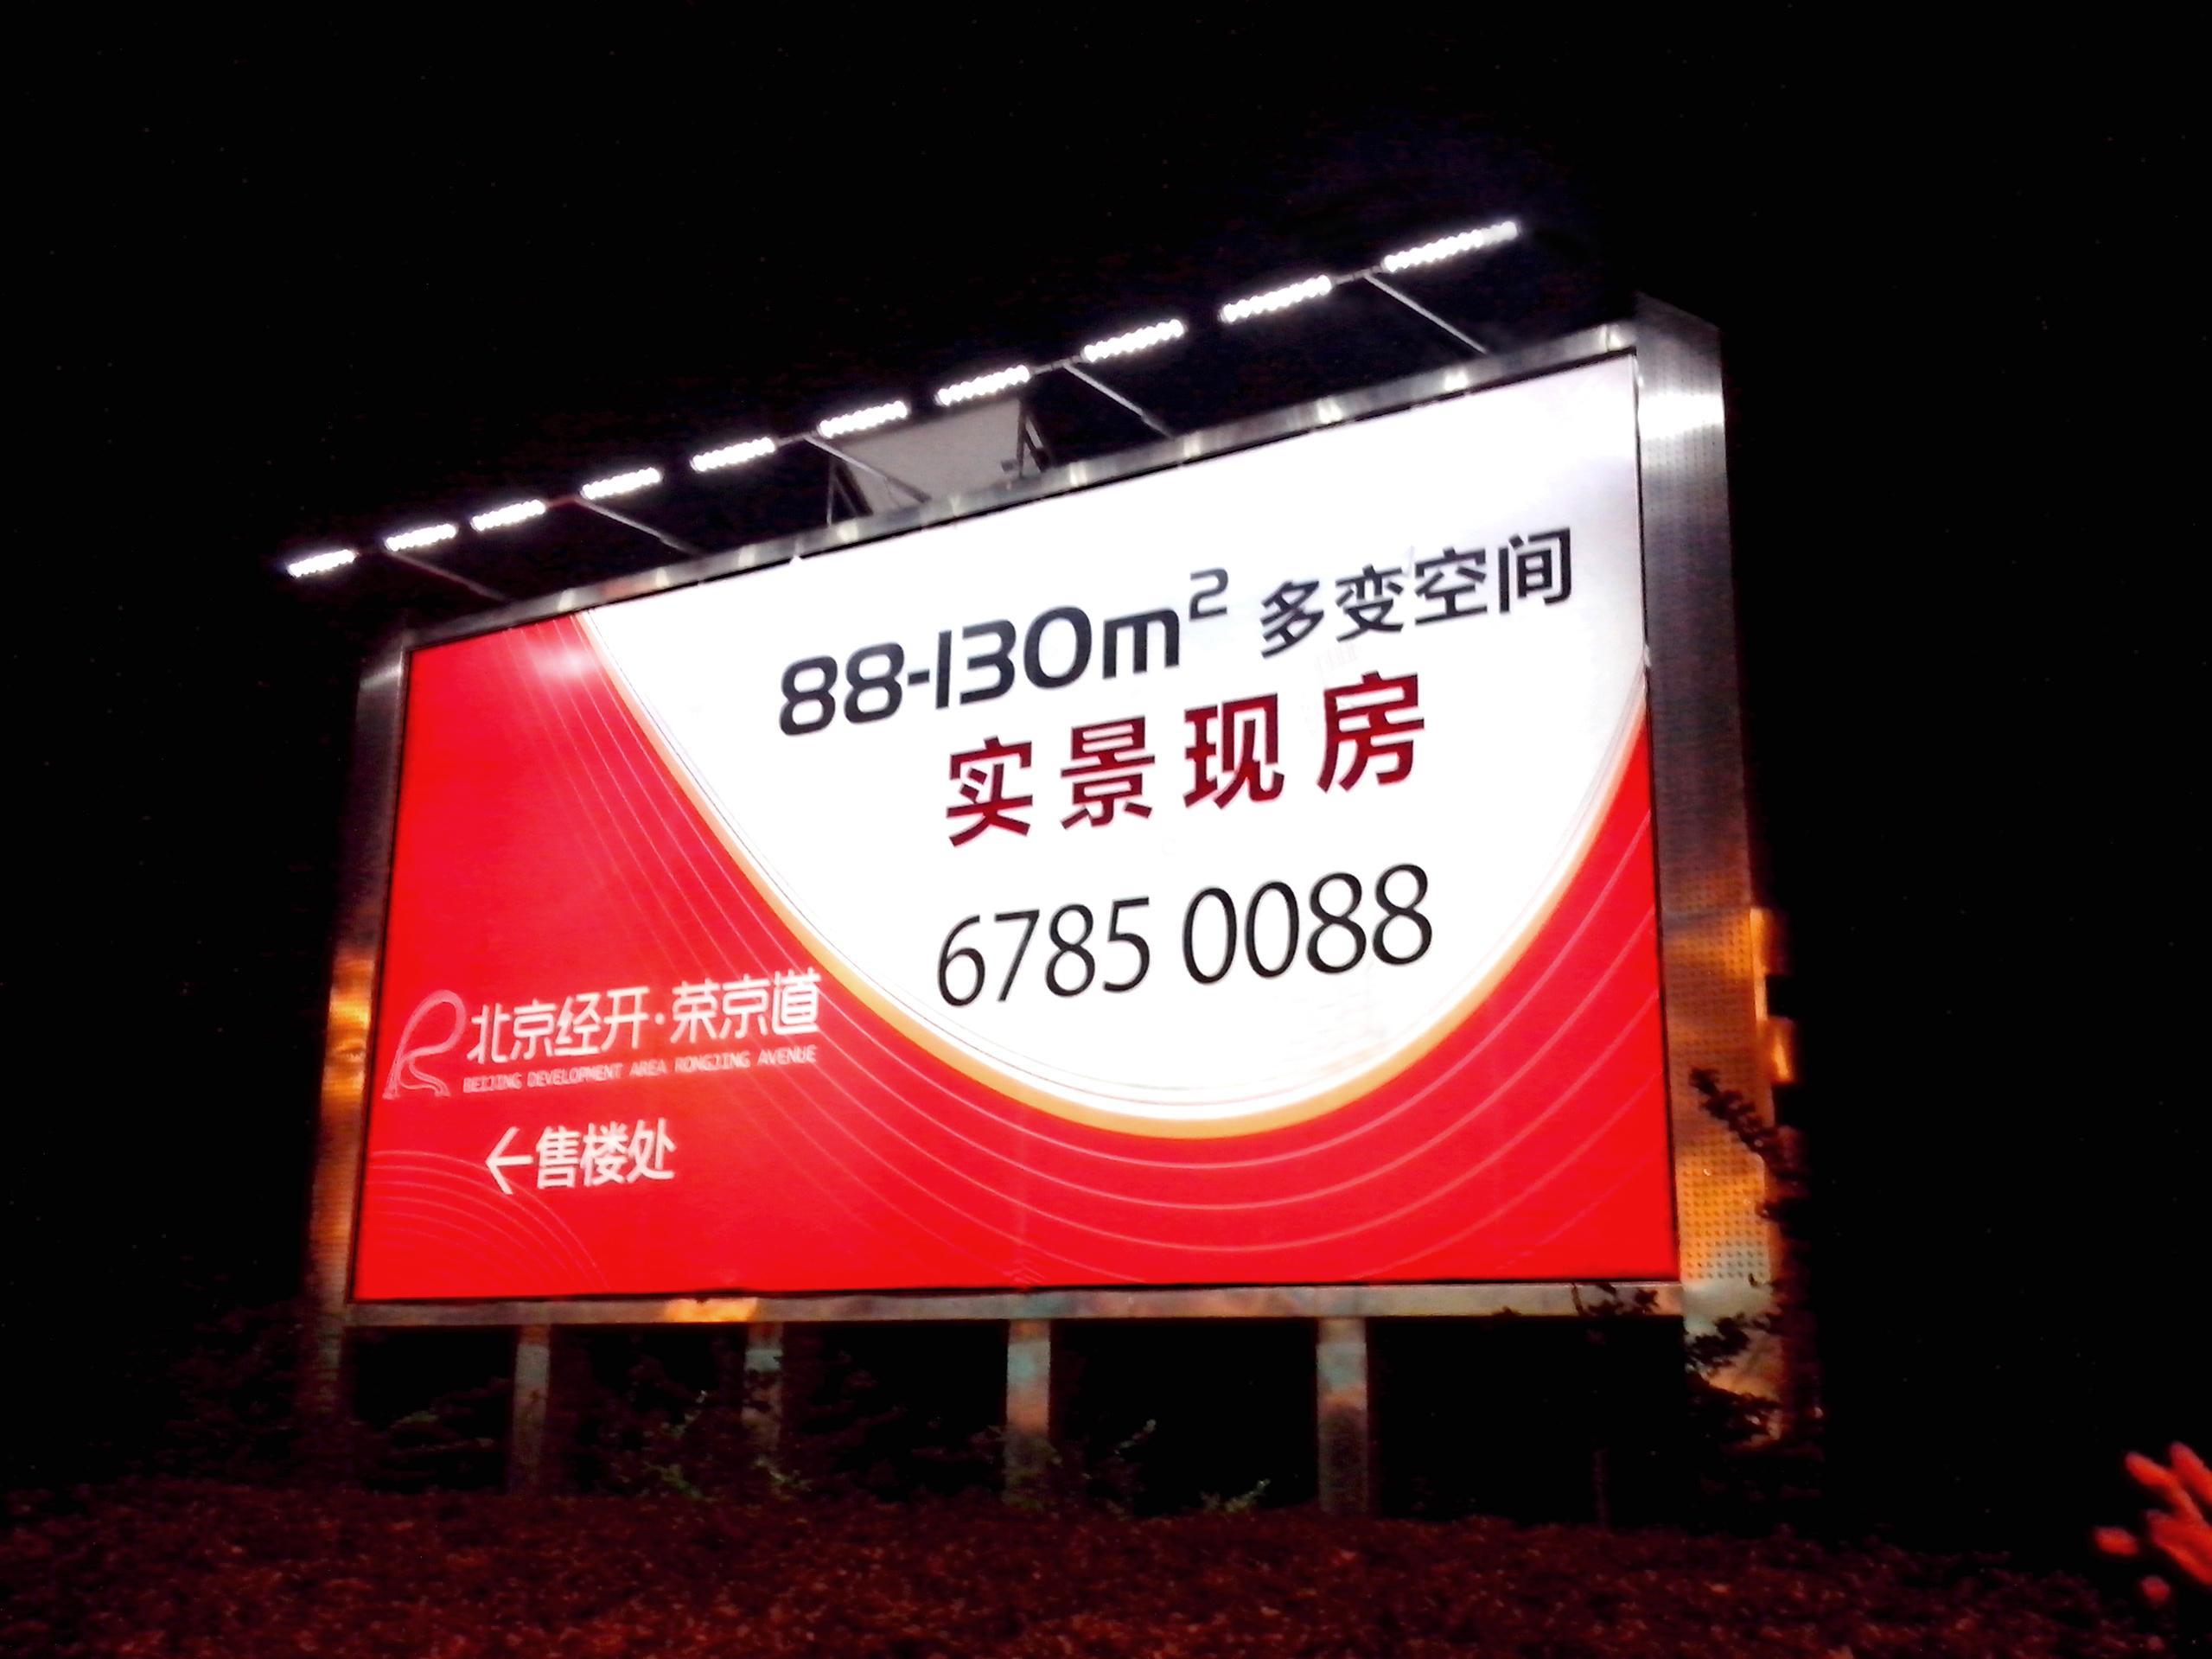 户外广告牌太阳能led广告灯照明系统图片